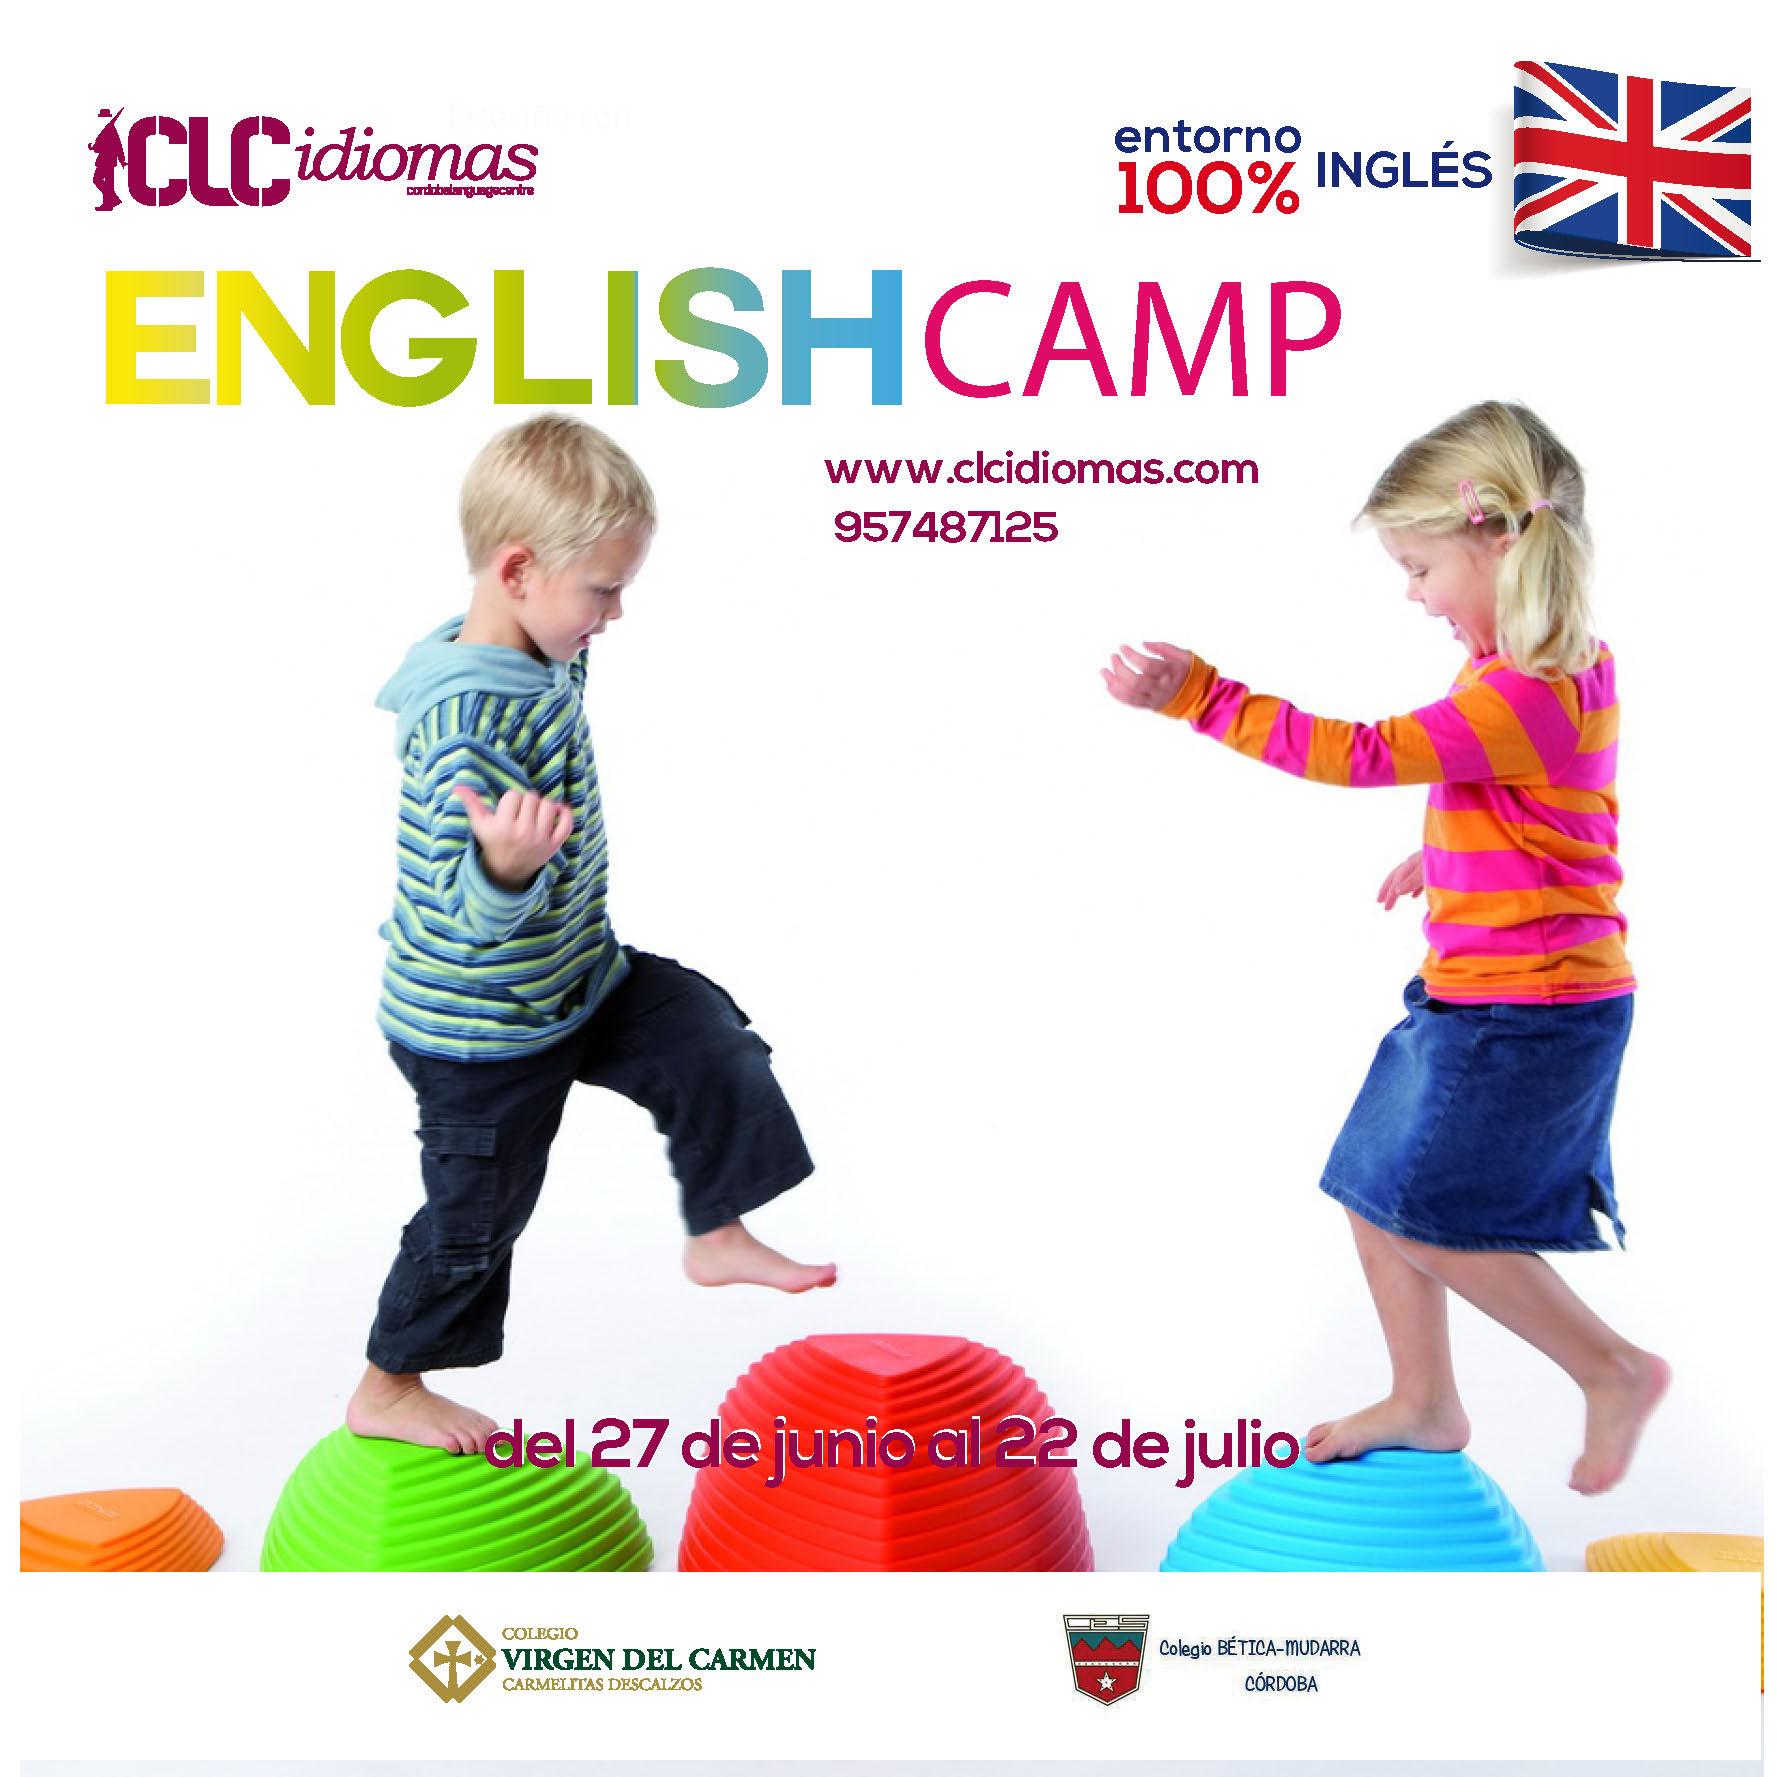 english camp 2016 Pagina 1